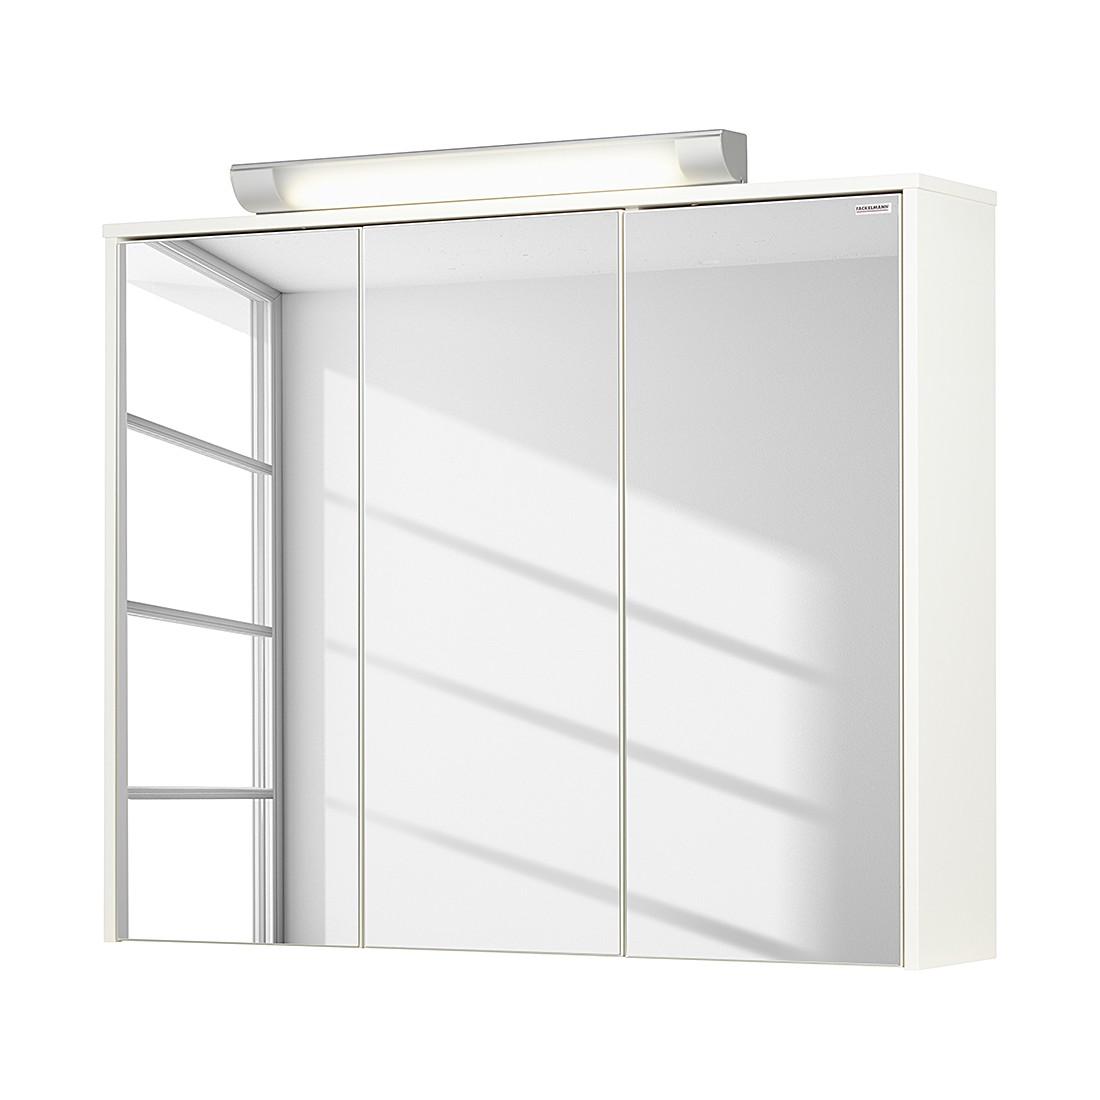 Spiegelschrank Gent – Weiß, Fackelmann günstig kaufen